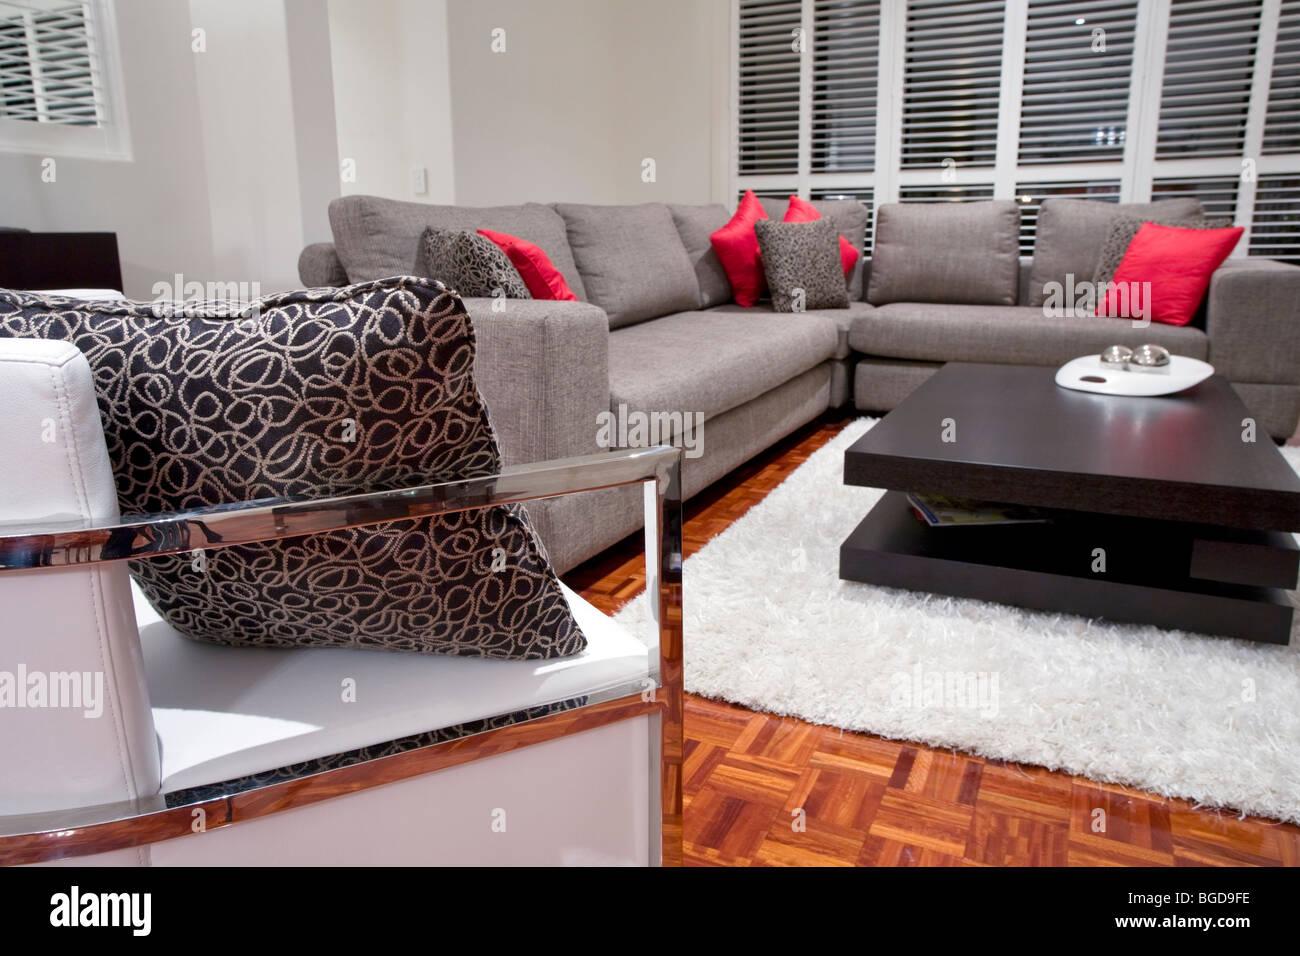 Moderne Wohnzimmer Interieur Mit Holzkohle Sofa Und Schokolade Braun  Couchtisch